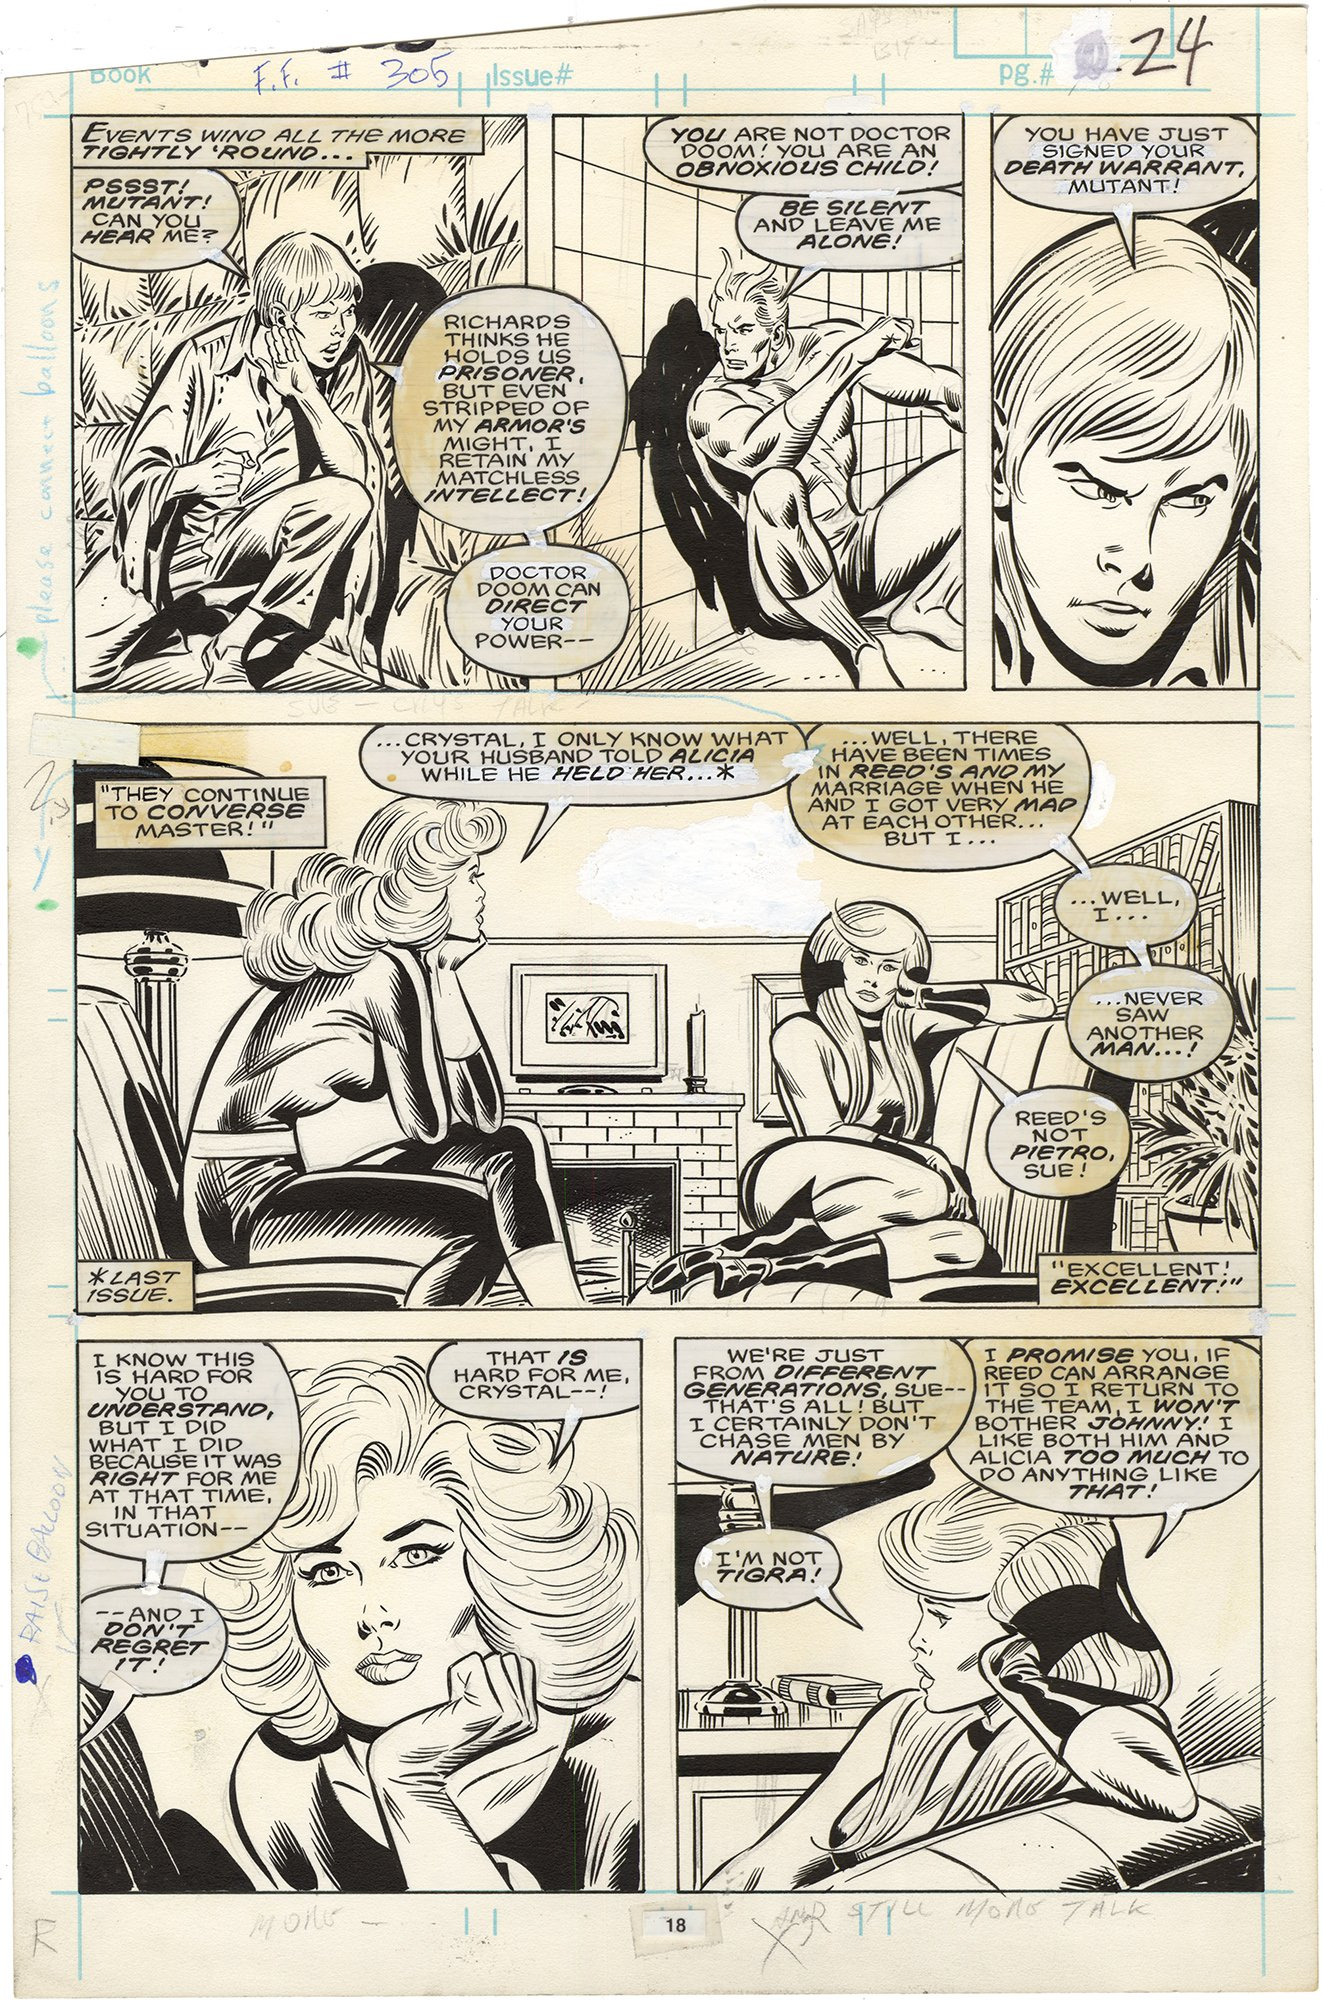 Fantastic Four #305 p18